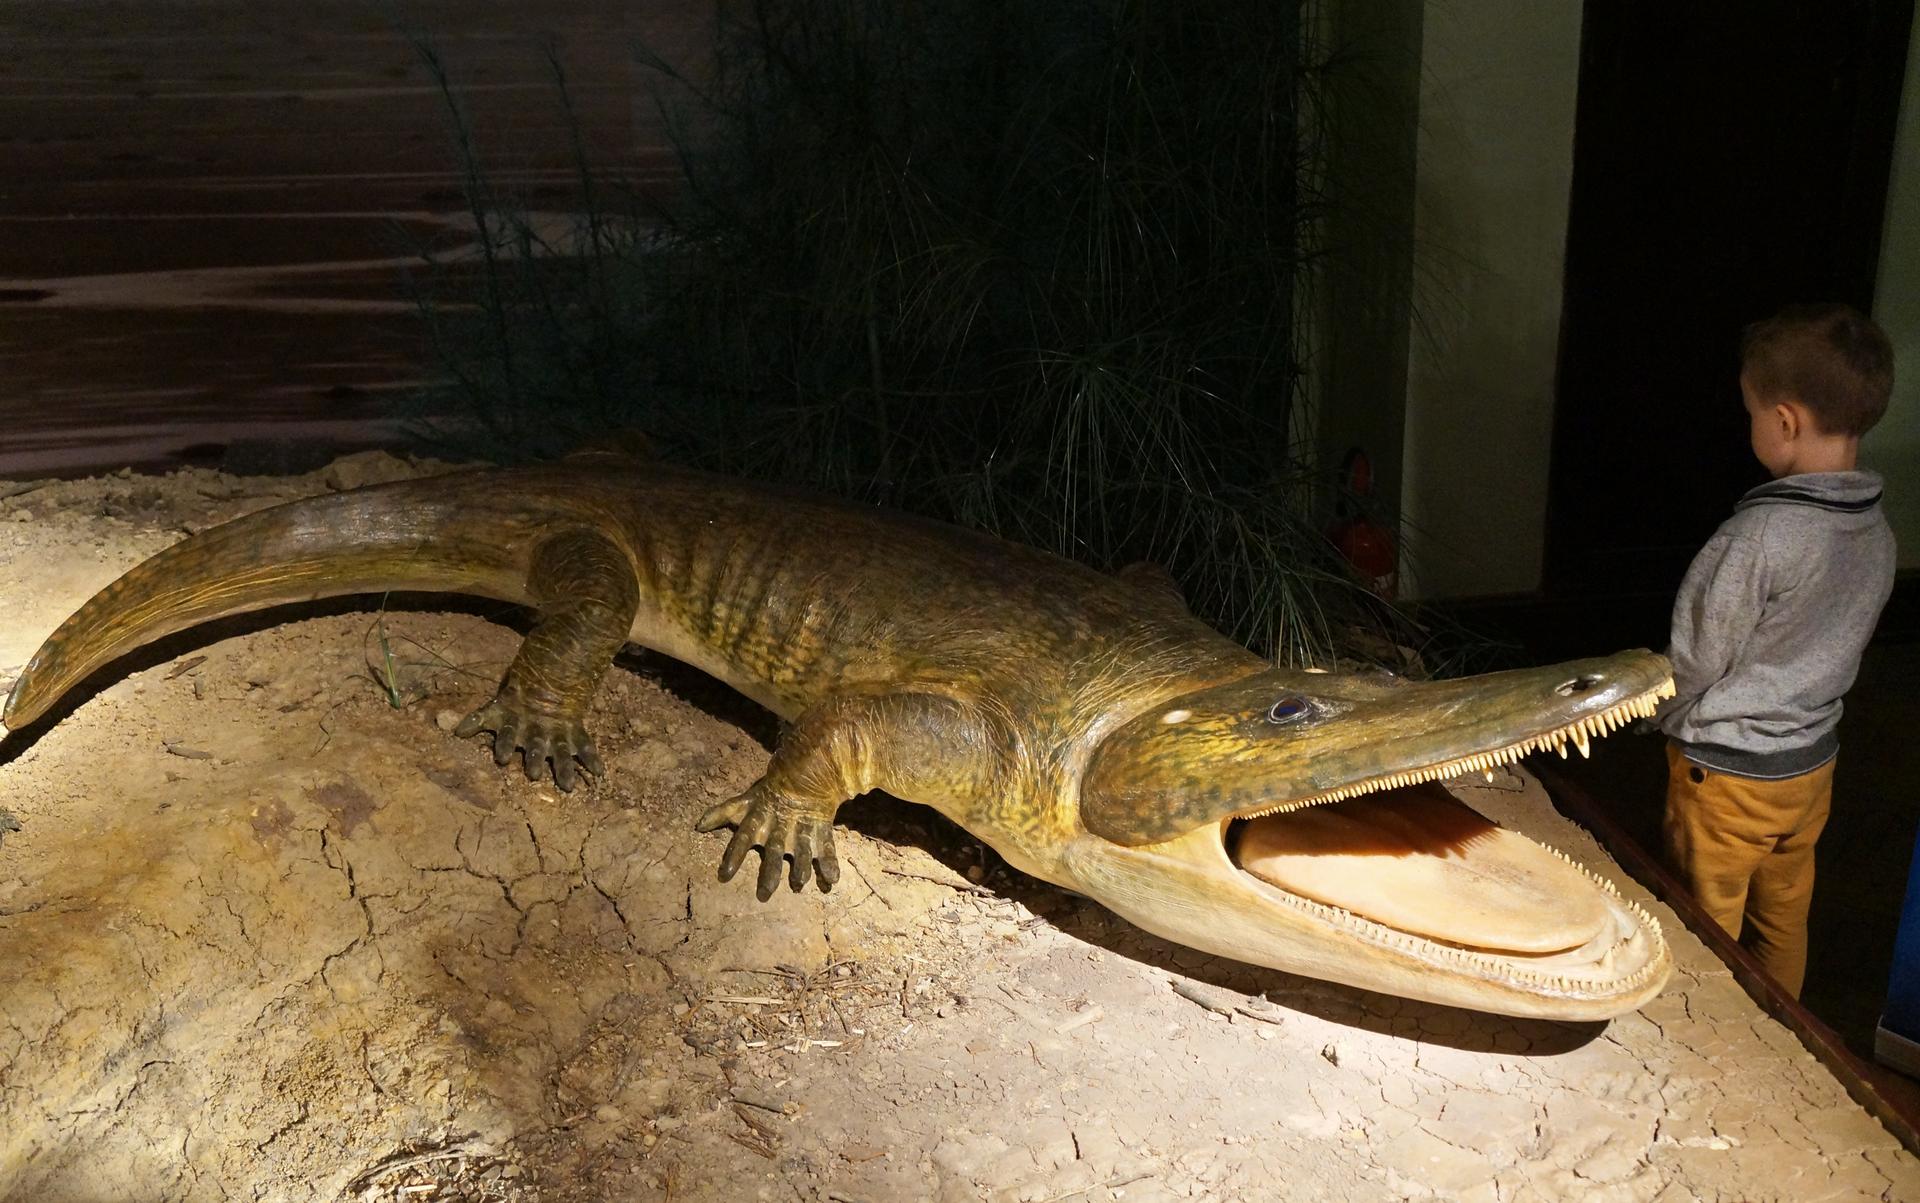 Fotografia przedstawia wnętrze Muzeum Ewolucji wWarszawie. Wgablocie na spękanej ziemi umieszczono figurę wymarłego płaza zKrasiejowa, cyklotozaura. Stoi zotwartą paszczą wprawo, wewnątrz różowy płaski język. Obok chłopiec dla porównania wielkości. Tułów jasnobrązowy, wydłużony, oparty na krótkich łapach zpięcioma palcami bez błony pławnej. Ogon średnio długi, lekko bocznie spłaszczony, ostro zakończony.